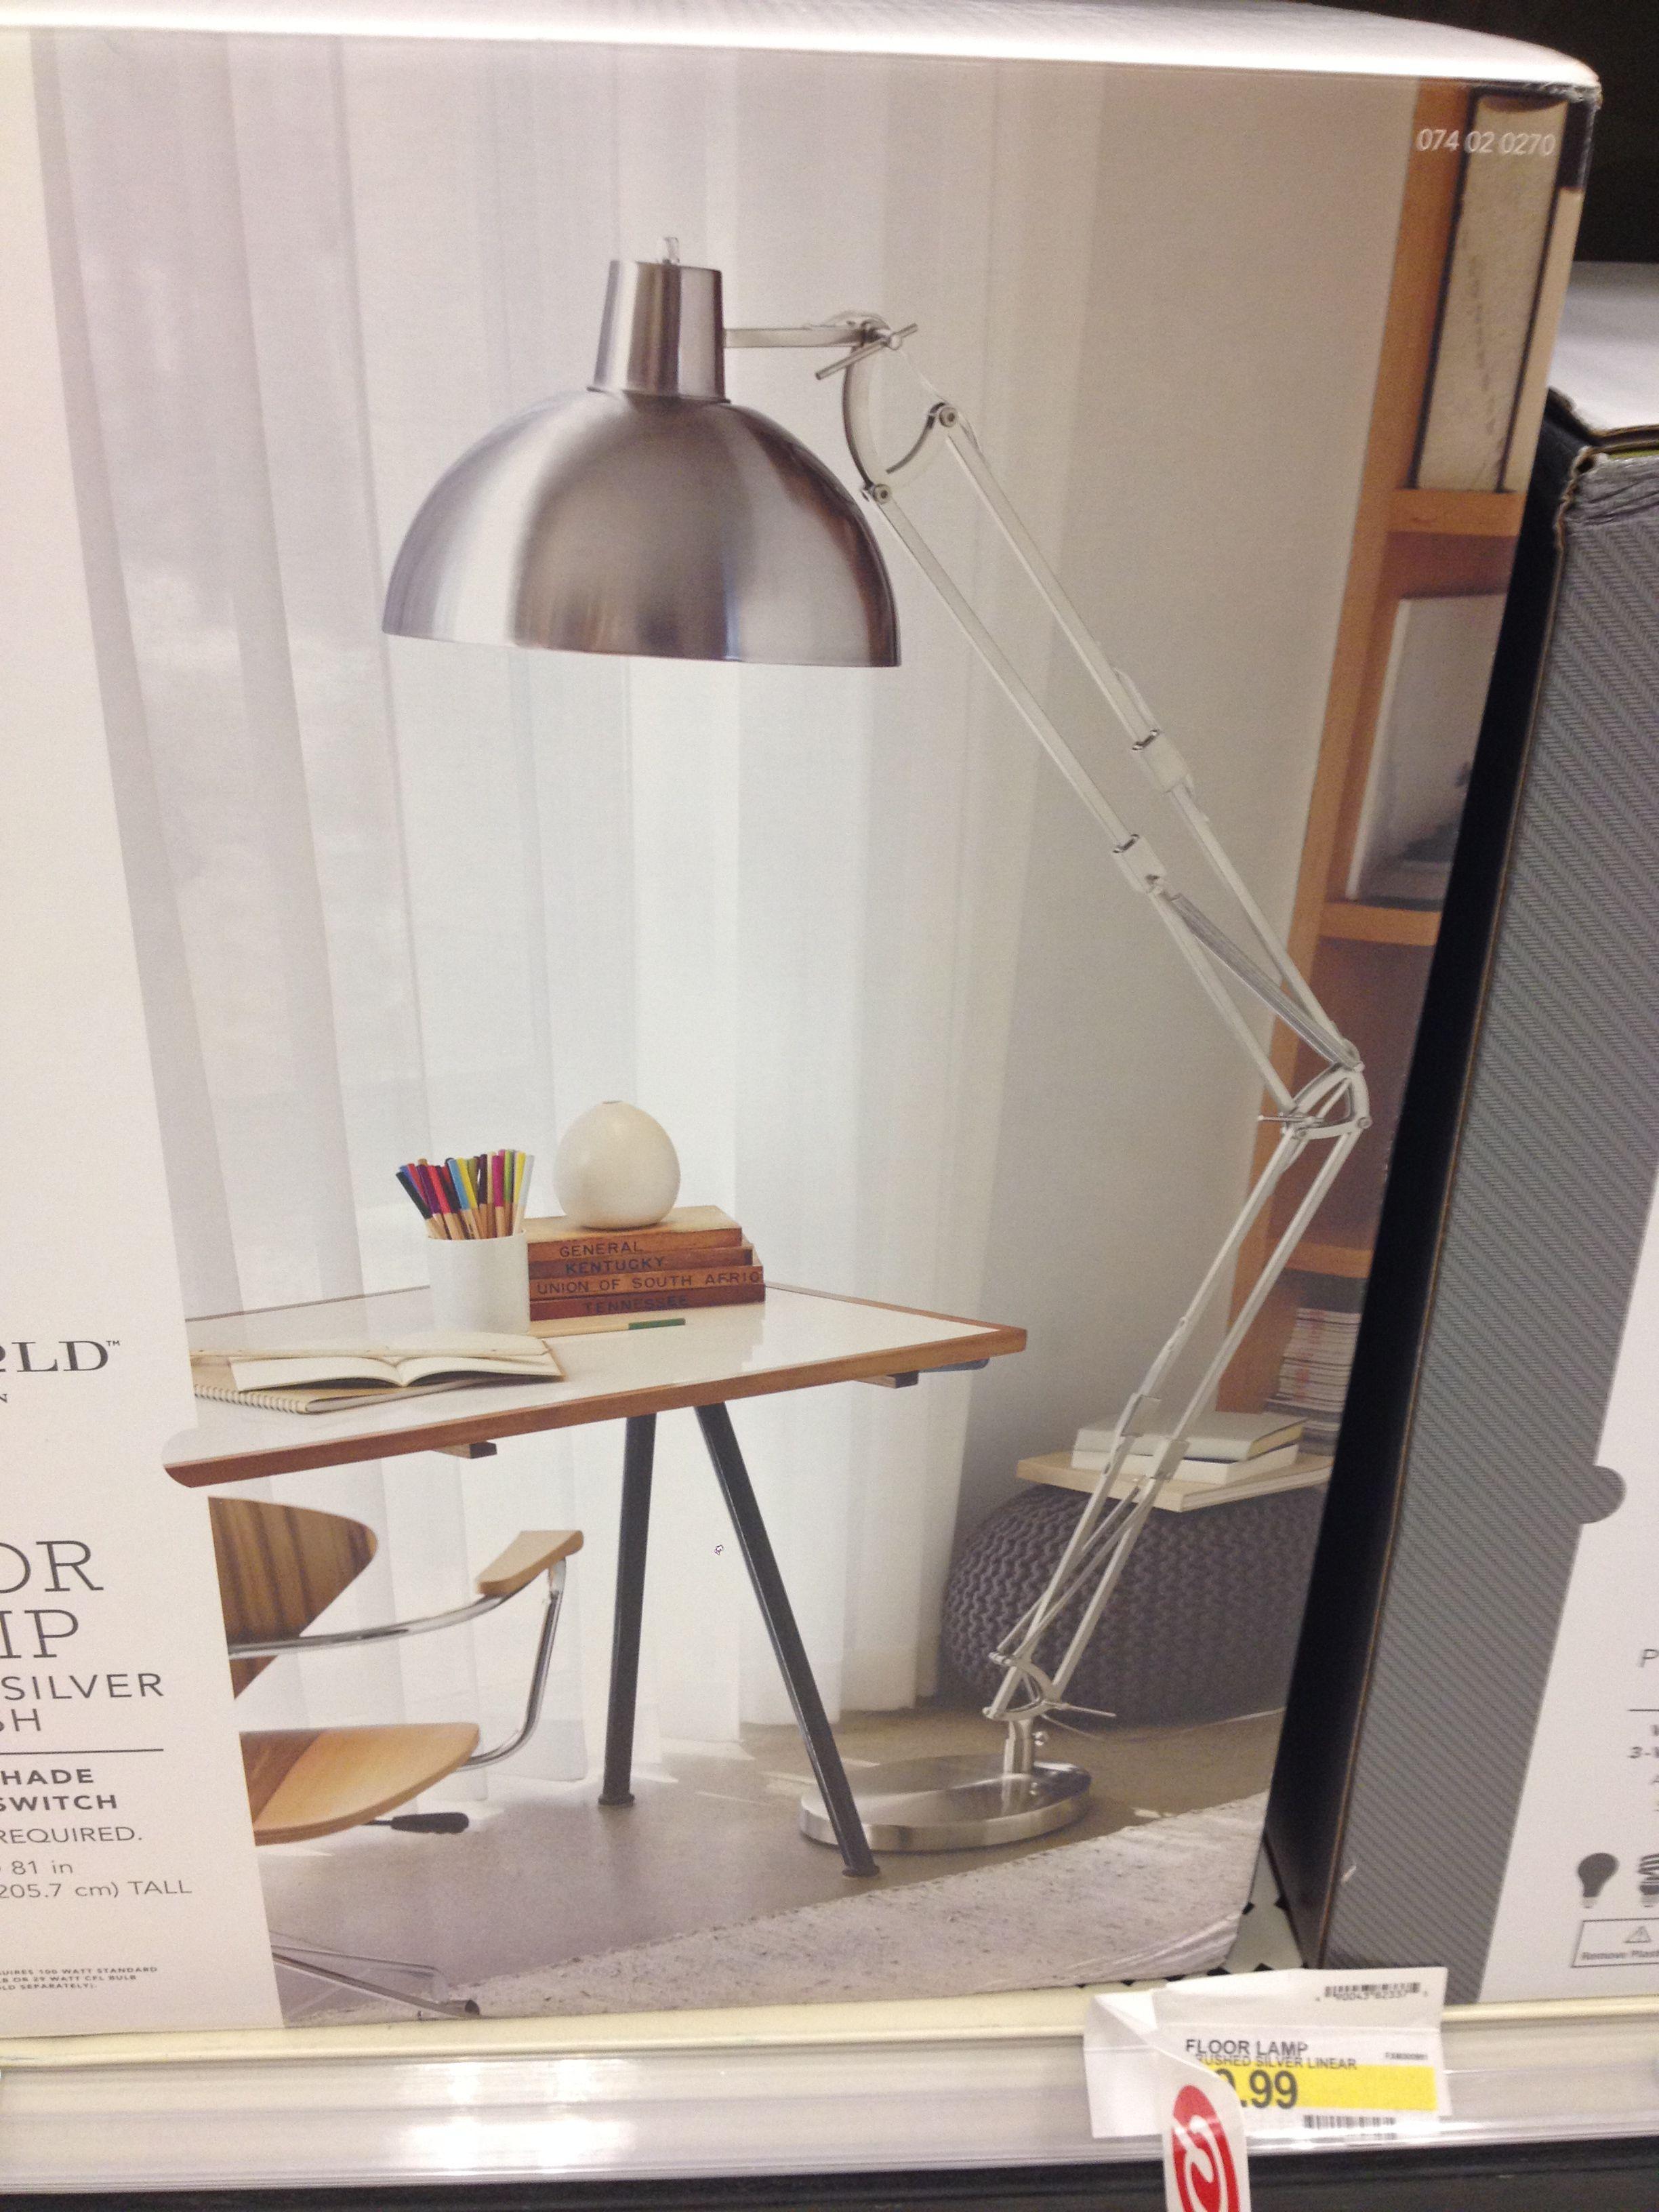 ThresholdTM Jumbo Architect Floor Lamp Target 9999